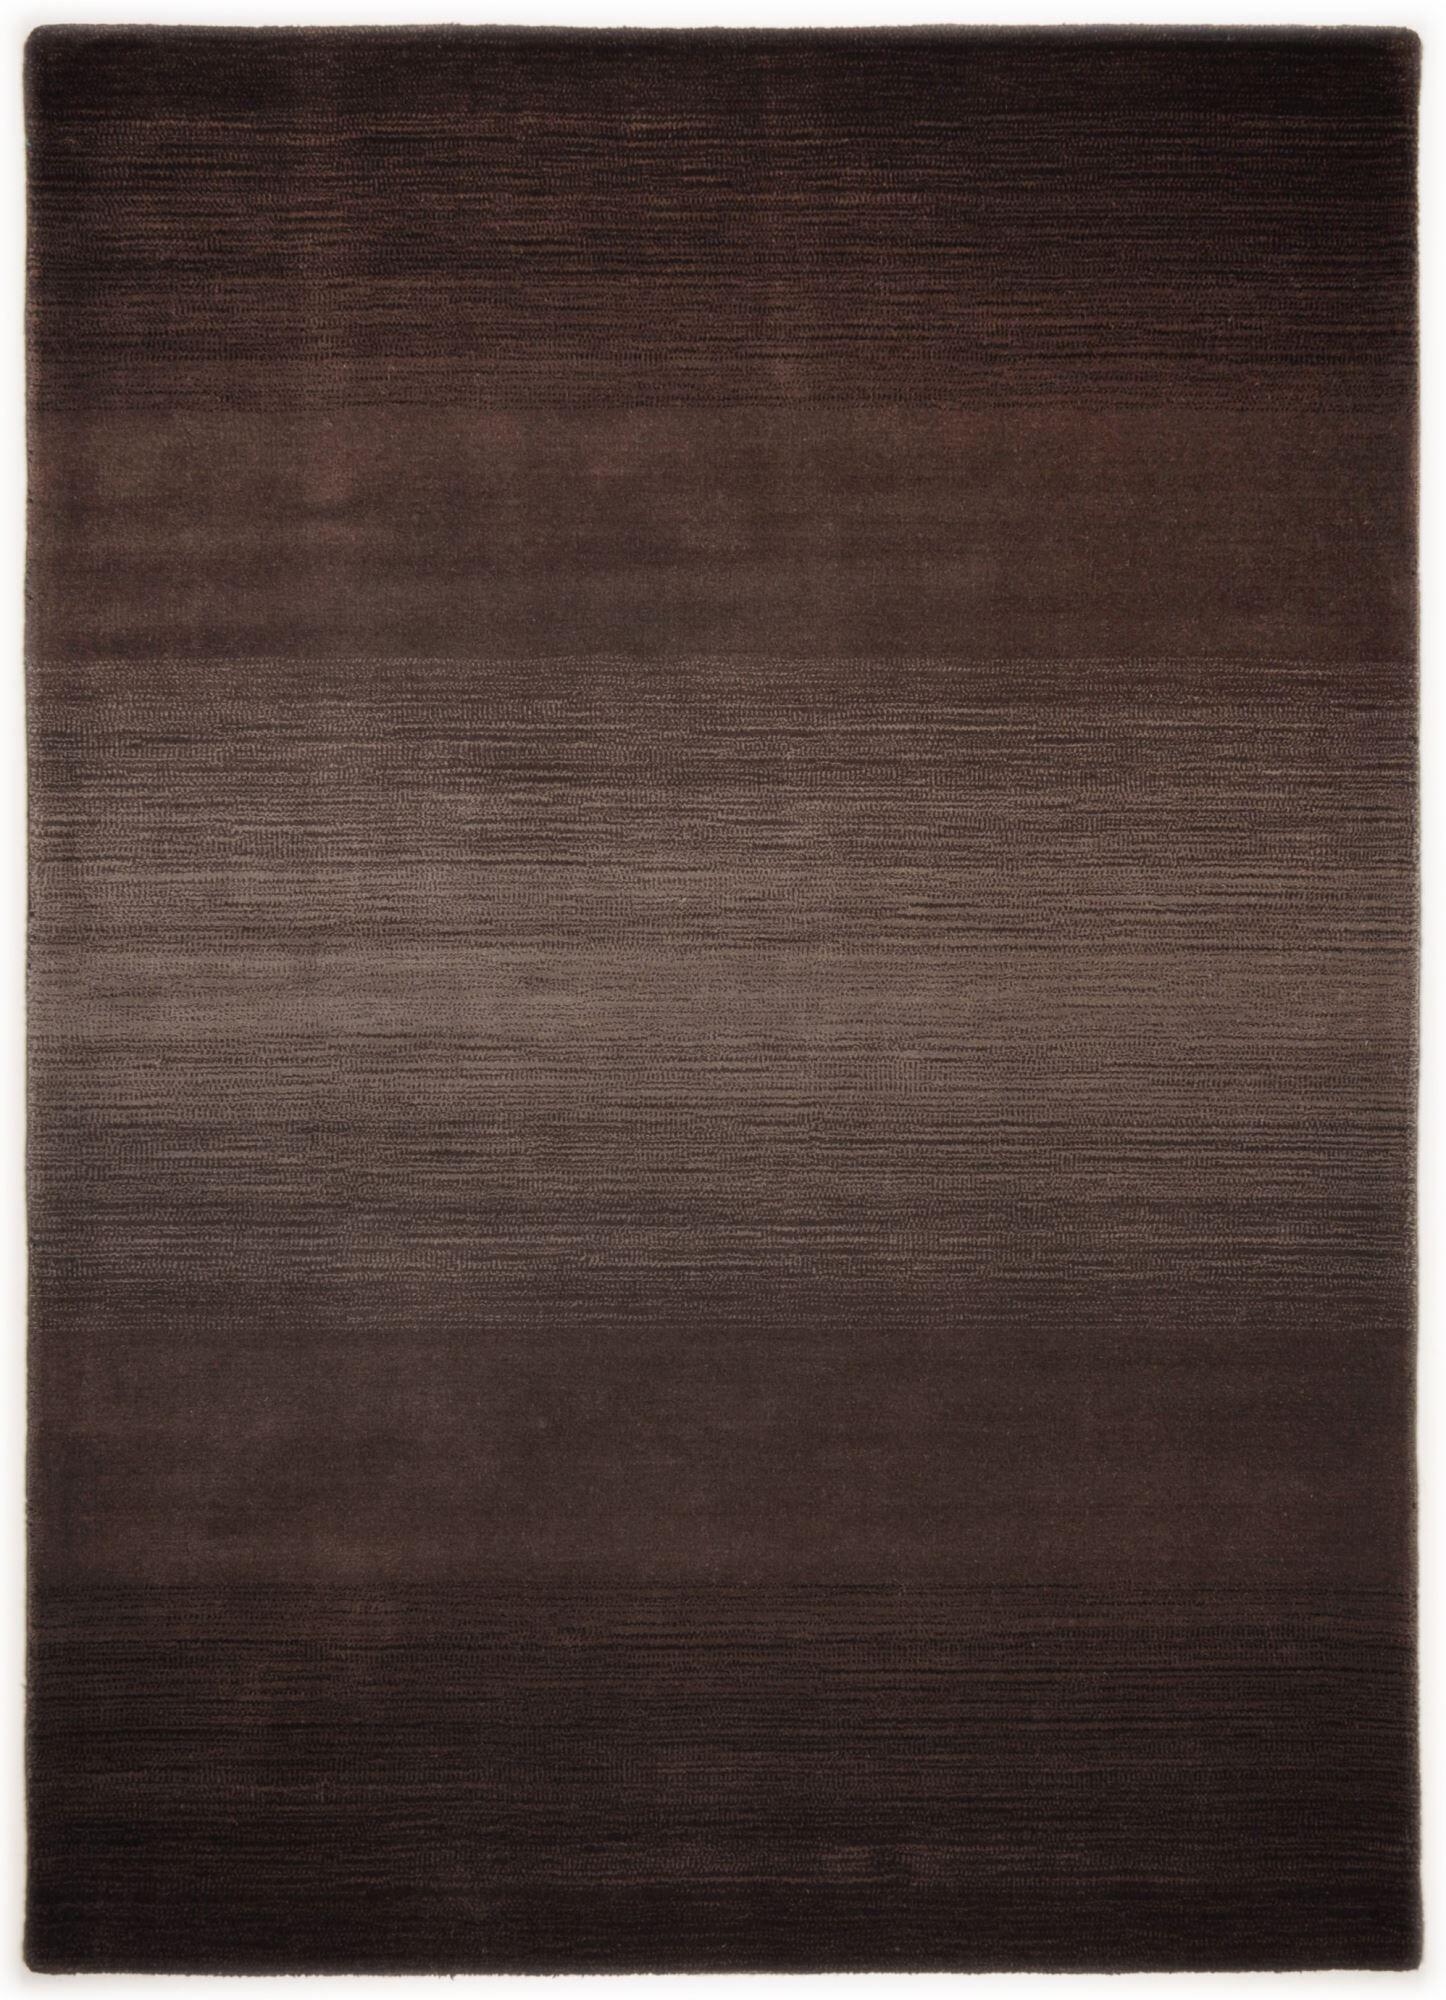 THEKO Tapis dégradé de couleur en laine Chocolat 90x160